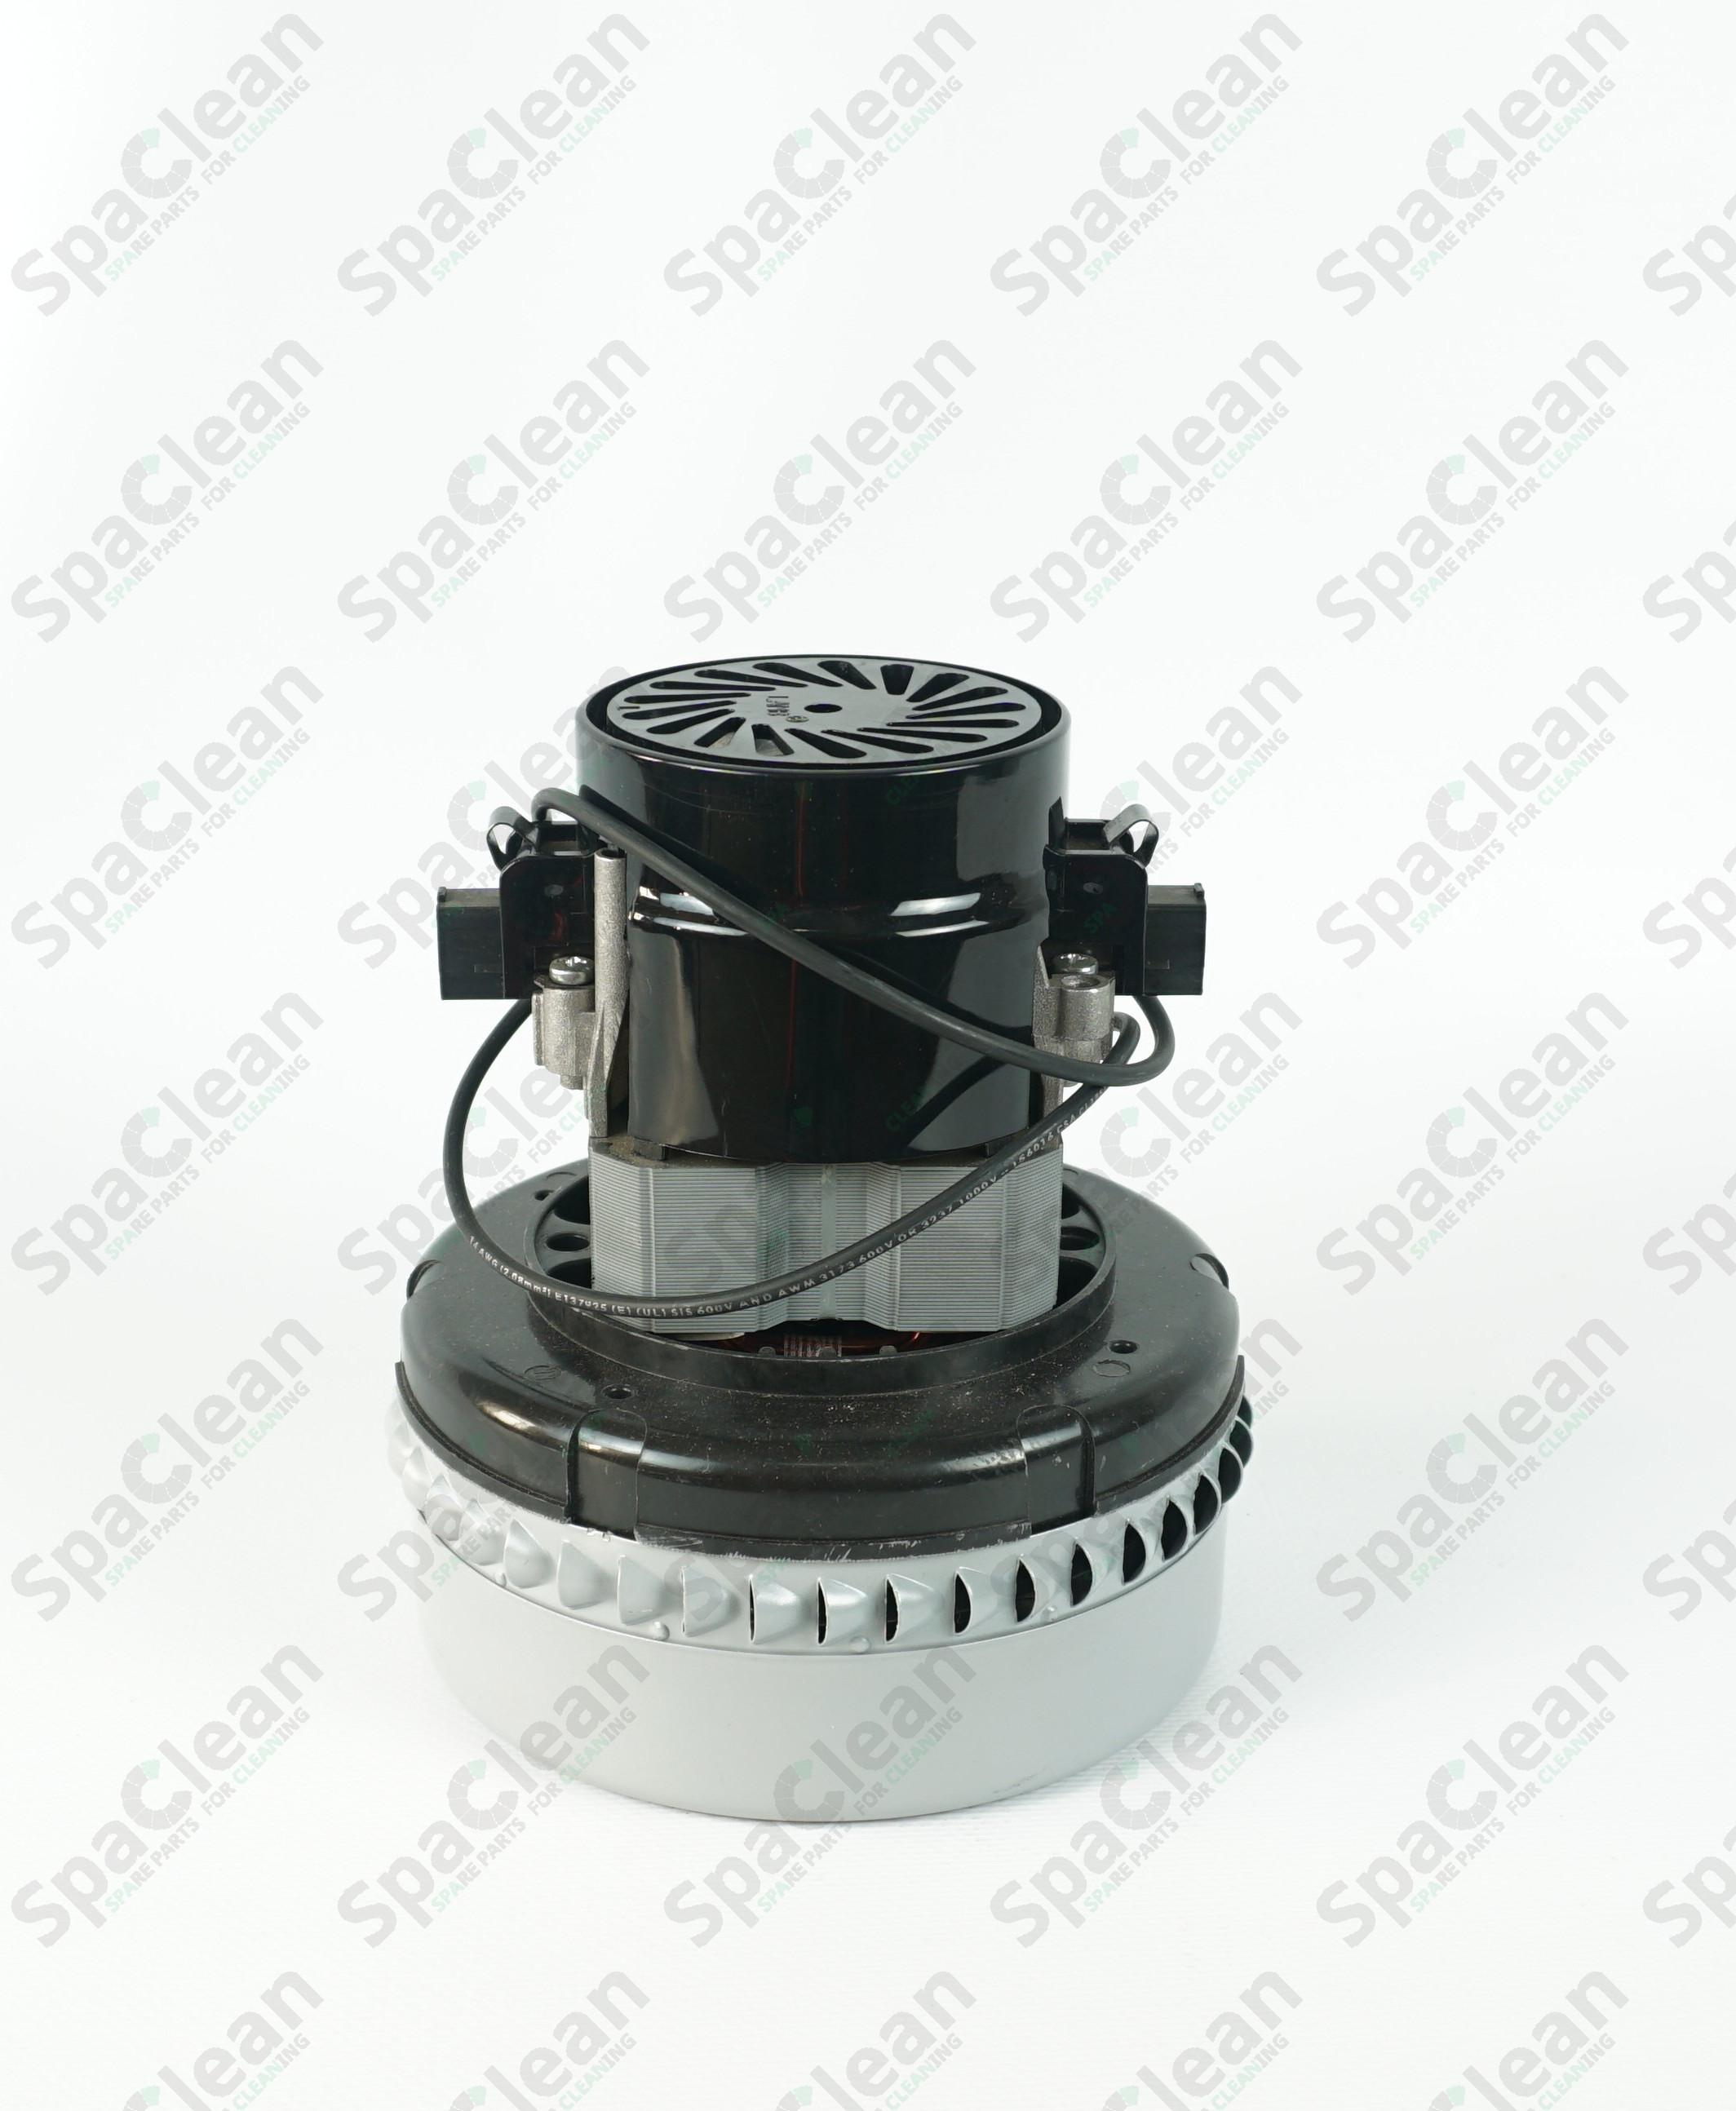 Вакуумный мотор 24V 480W Двухстадийный для Wetrok Duomatic S50